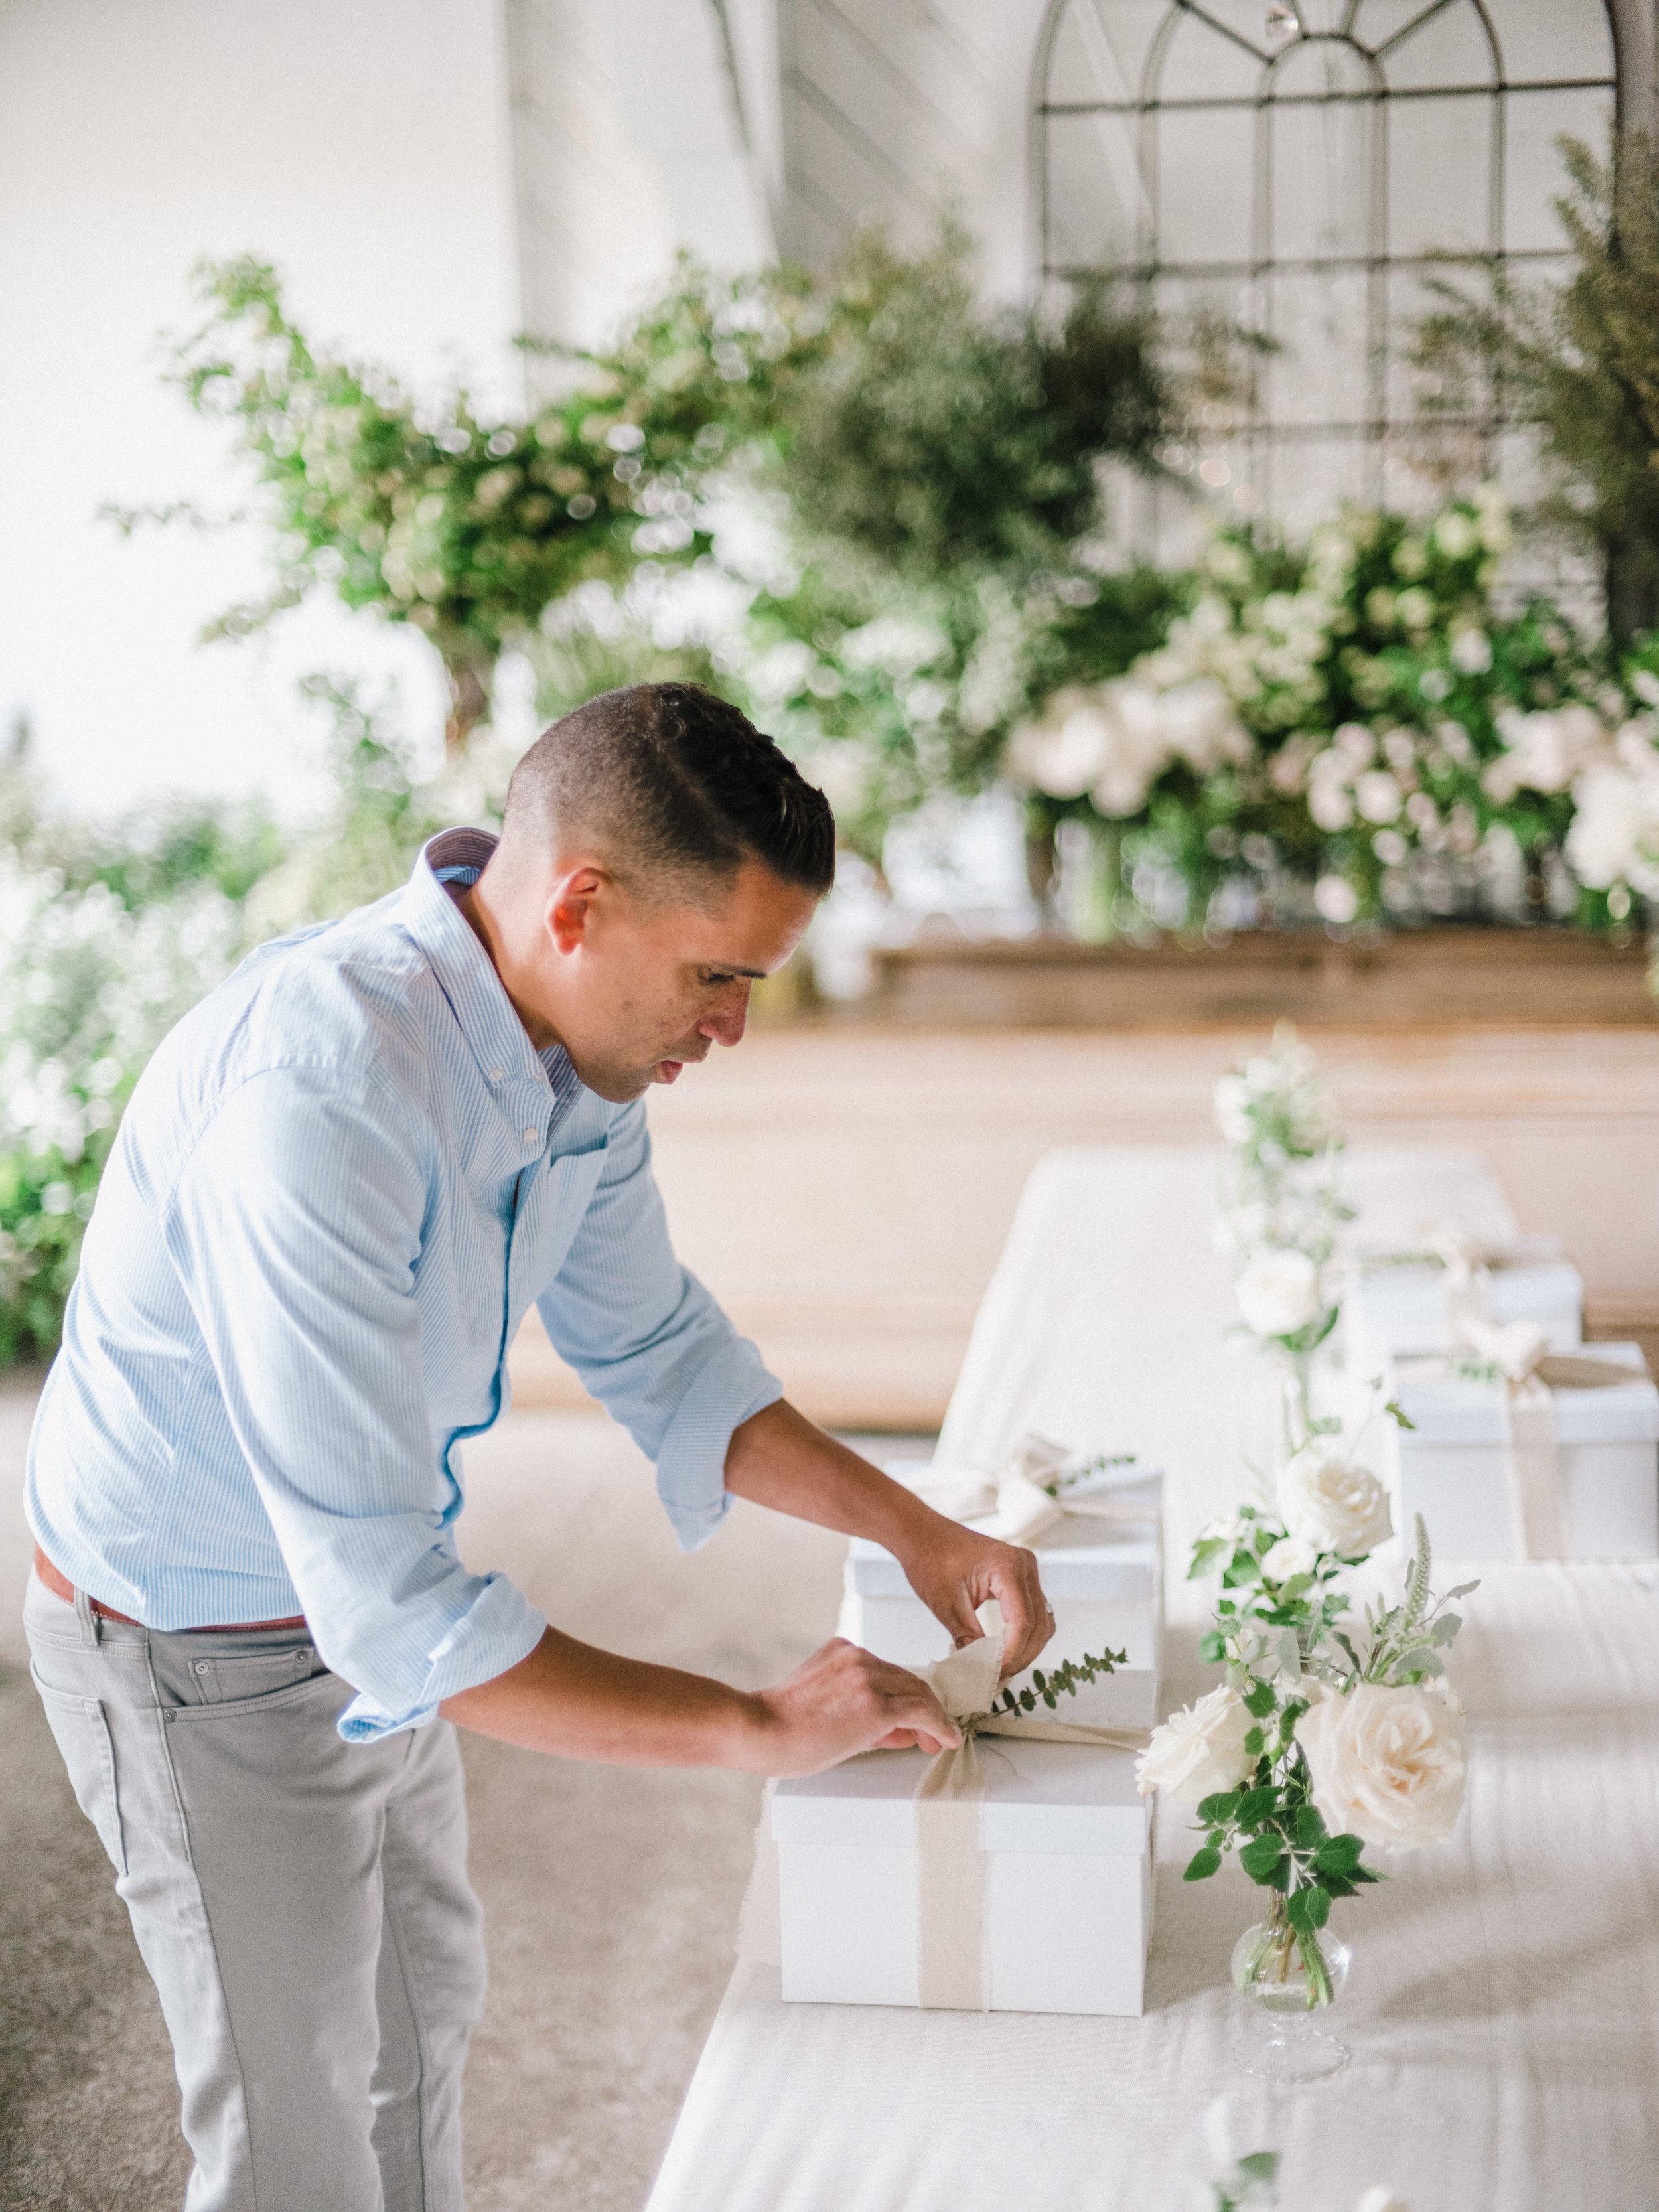 sinclairandmoore-real-wedding-workshop-ryanflynn-00034.jpg